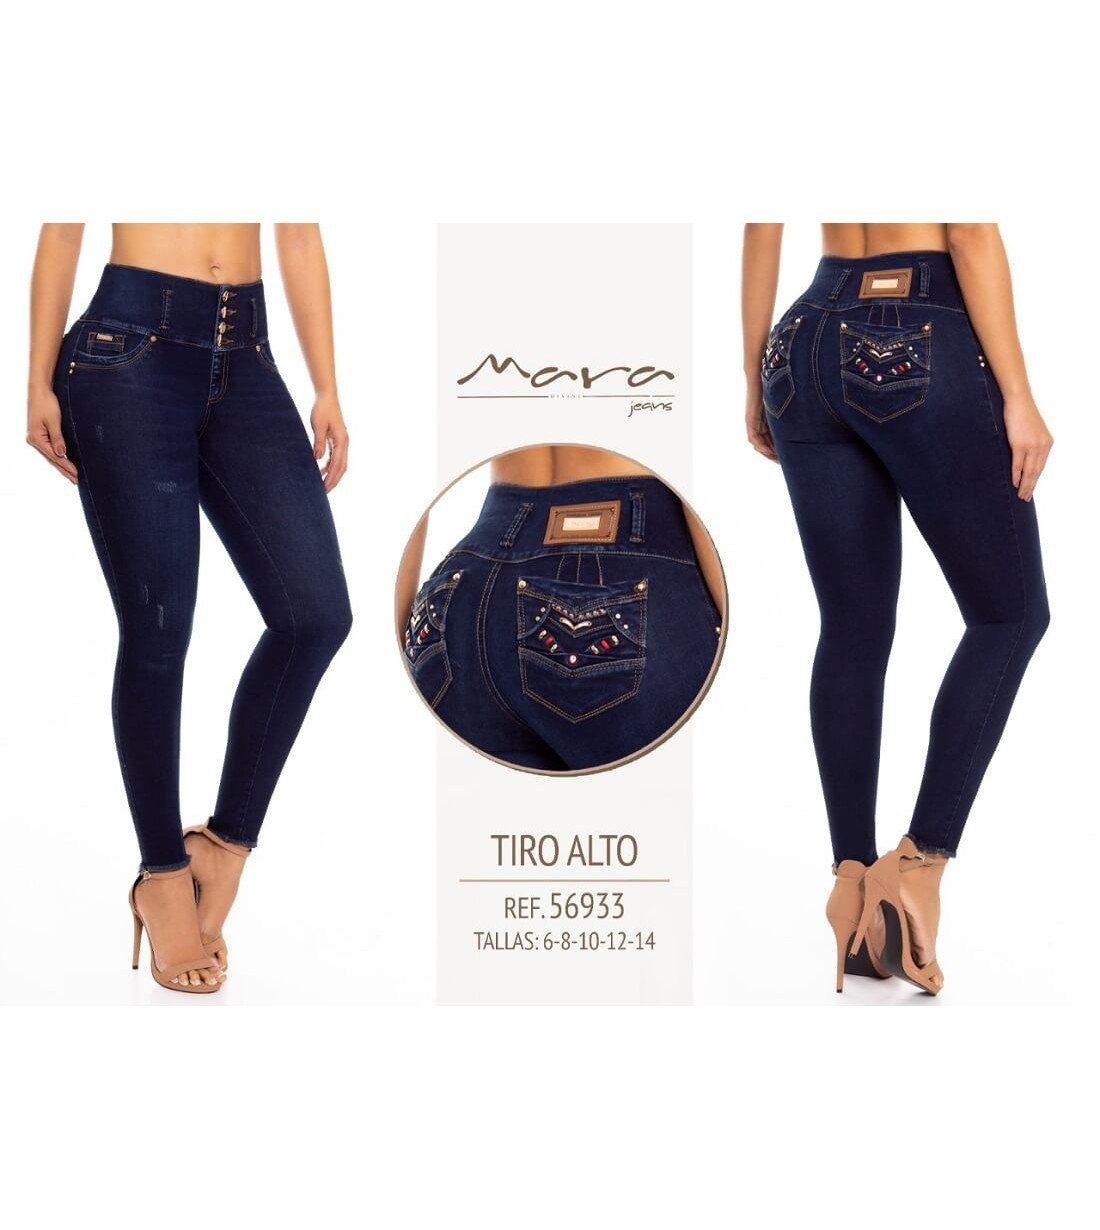 Jeans Colombiano Mara- 56933